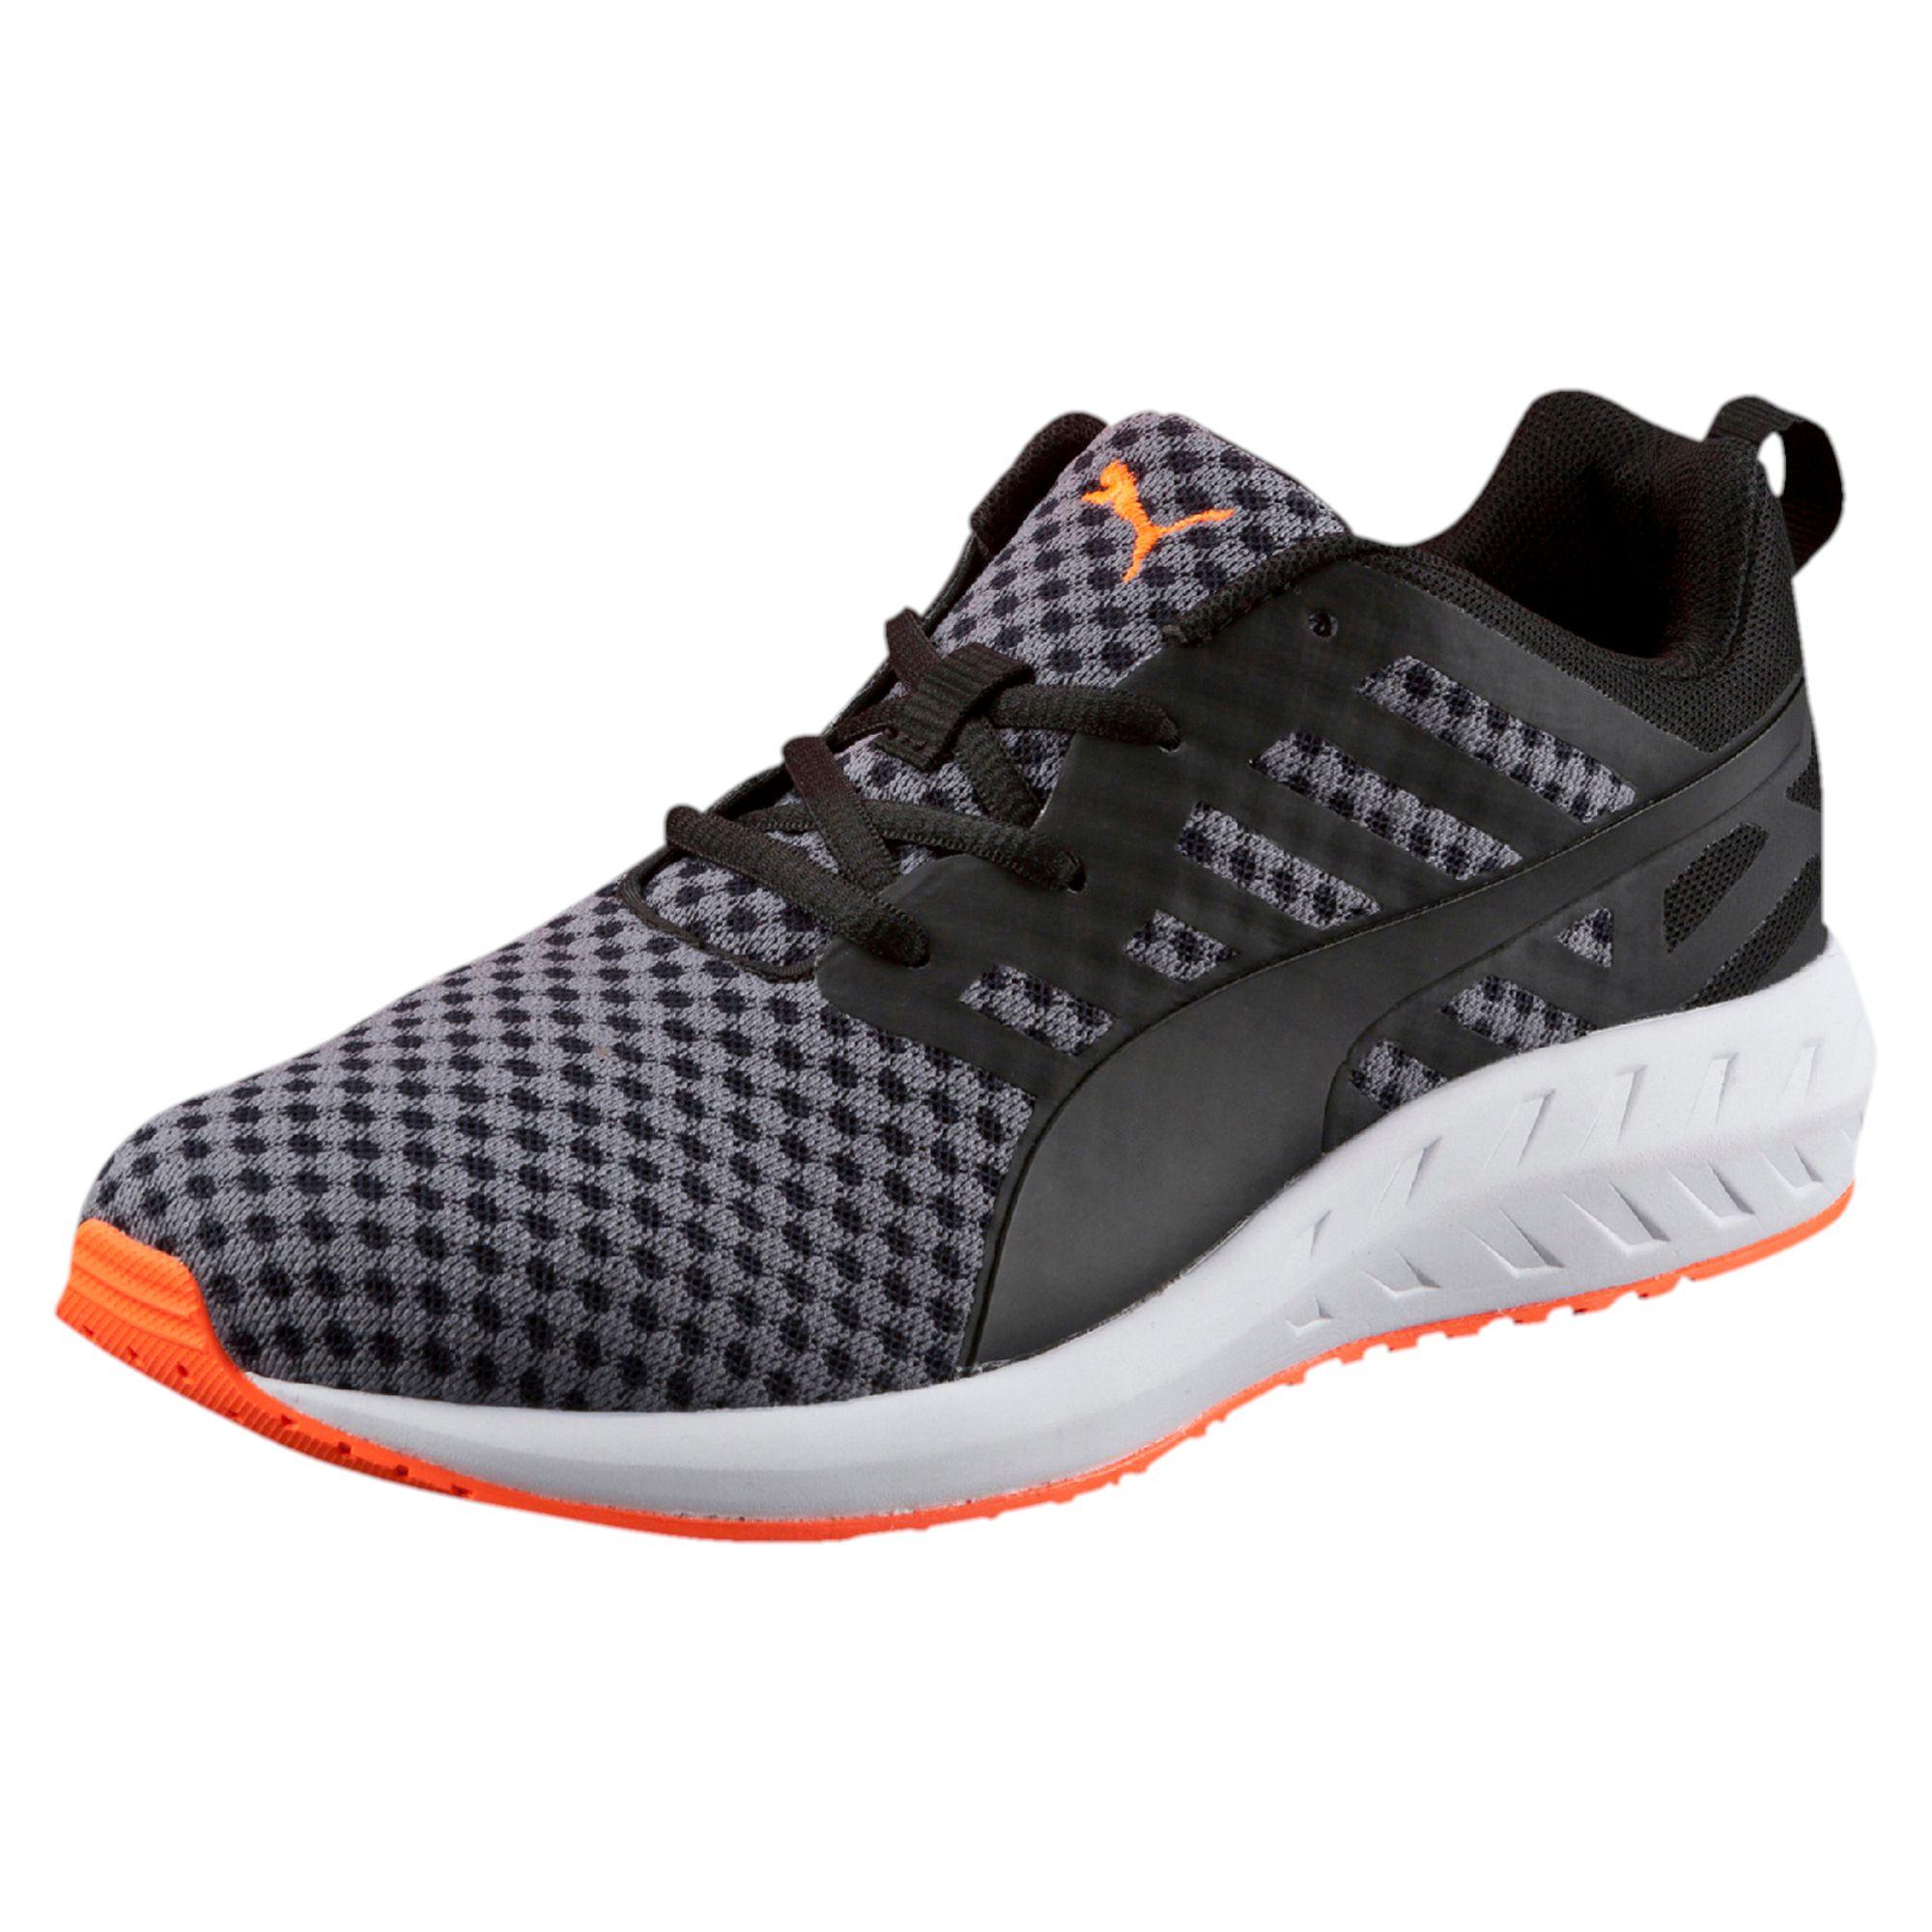 Puma chaussure de course flare pour femme femmes chaussures course neuf ebay - Chaussure pour tapis de course ...